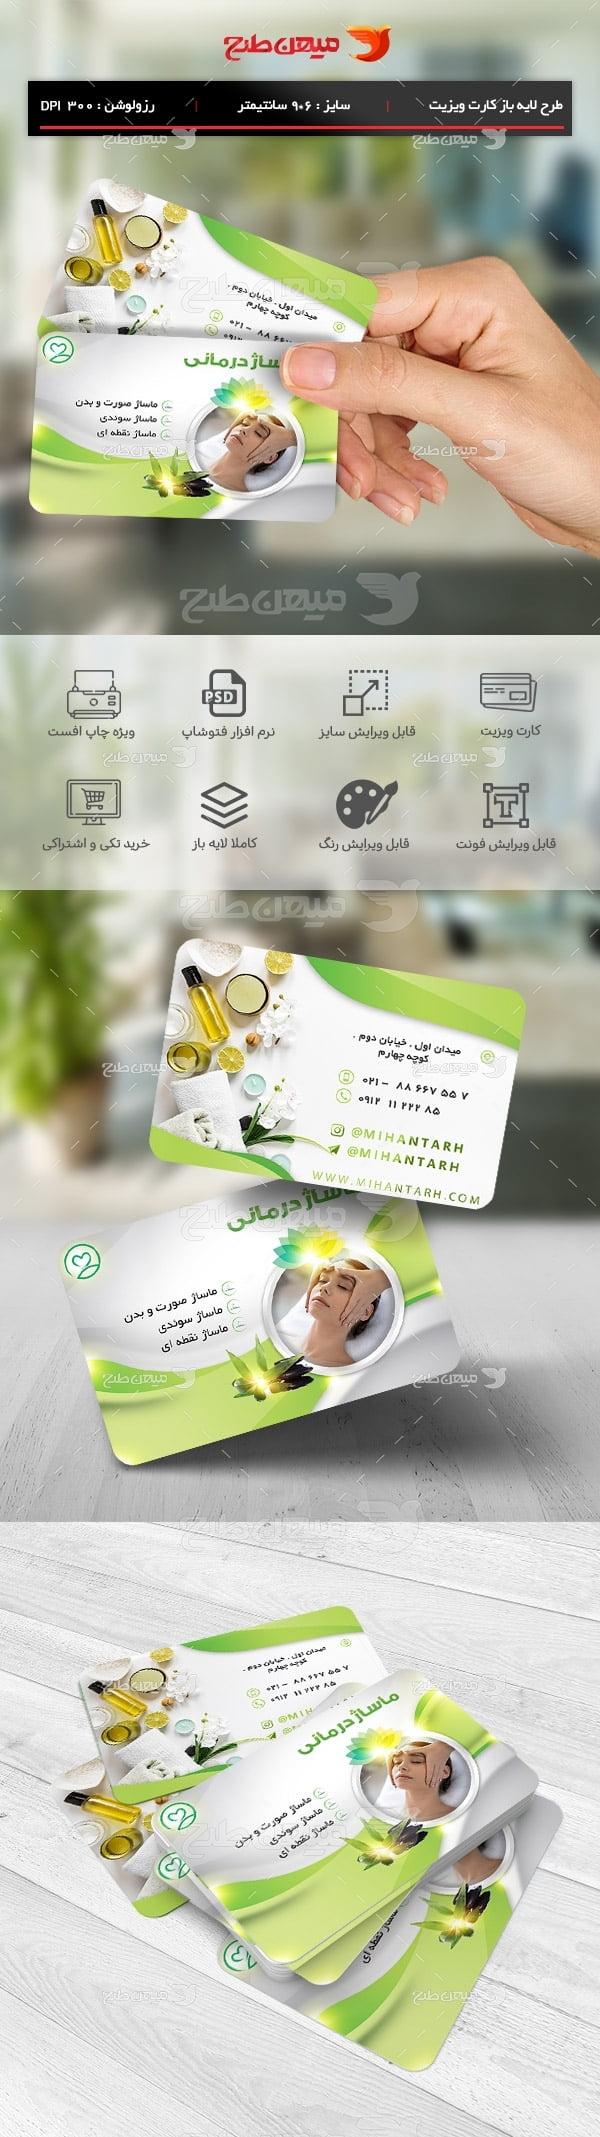 طرح لایه باز کارت ویزیت ماساژ درمانی